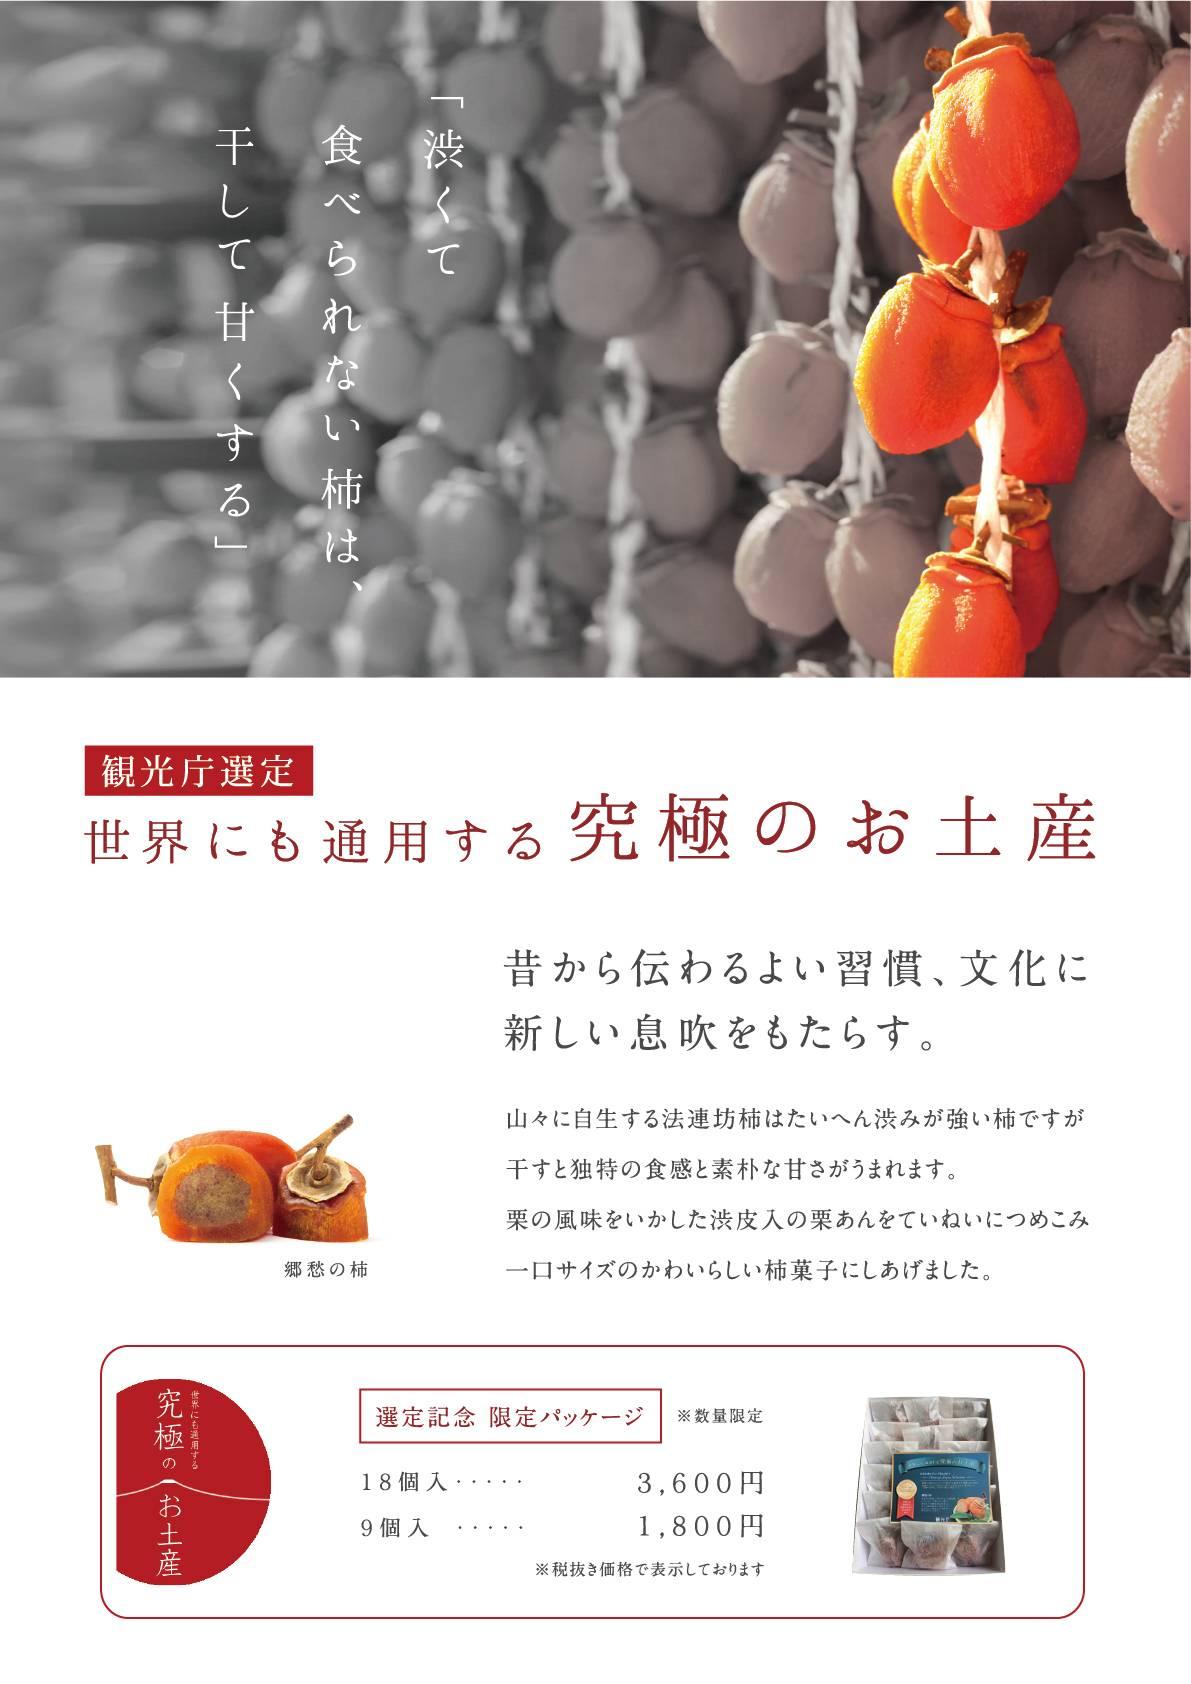 石井物産(株)_柿の専門いしい(菓子製造メーカー)